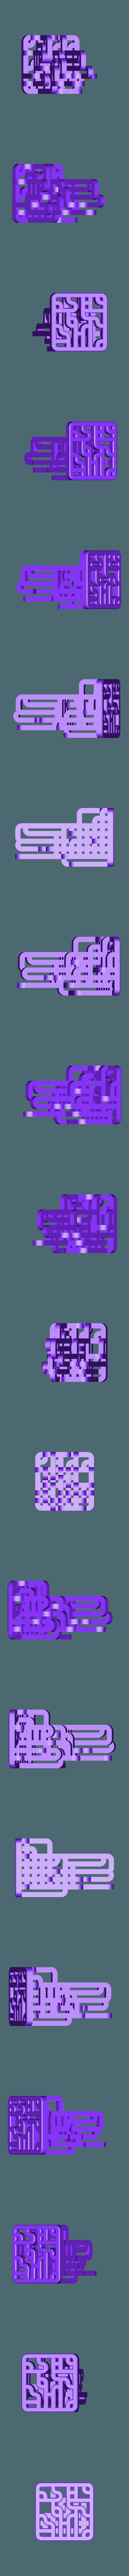 medium8.stl Télécharger fichier STL gratuit Boucles de procédure • Design imprimable en 3D, ferjerez3d